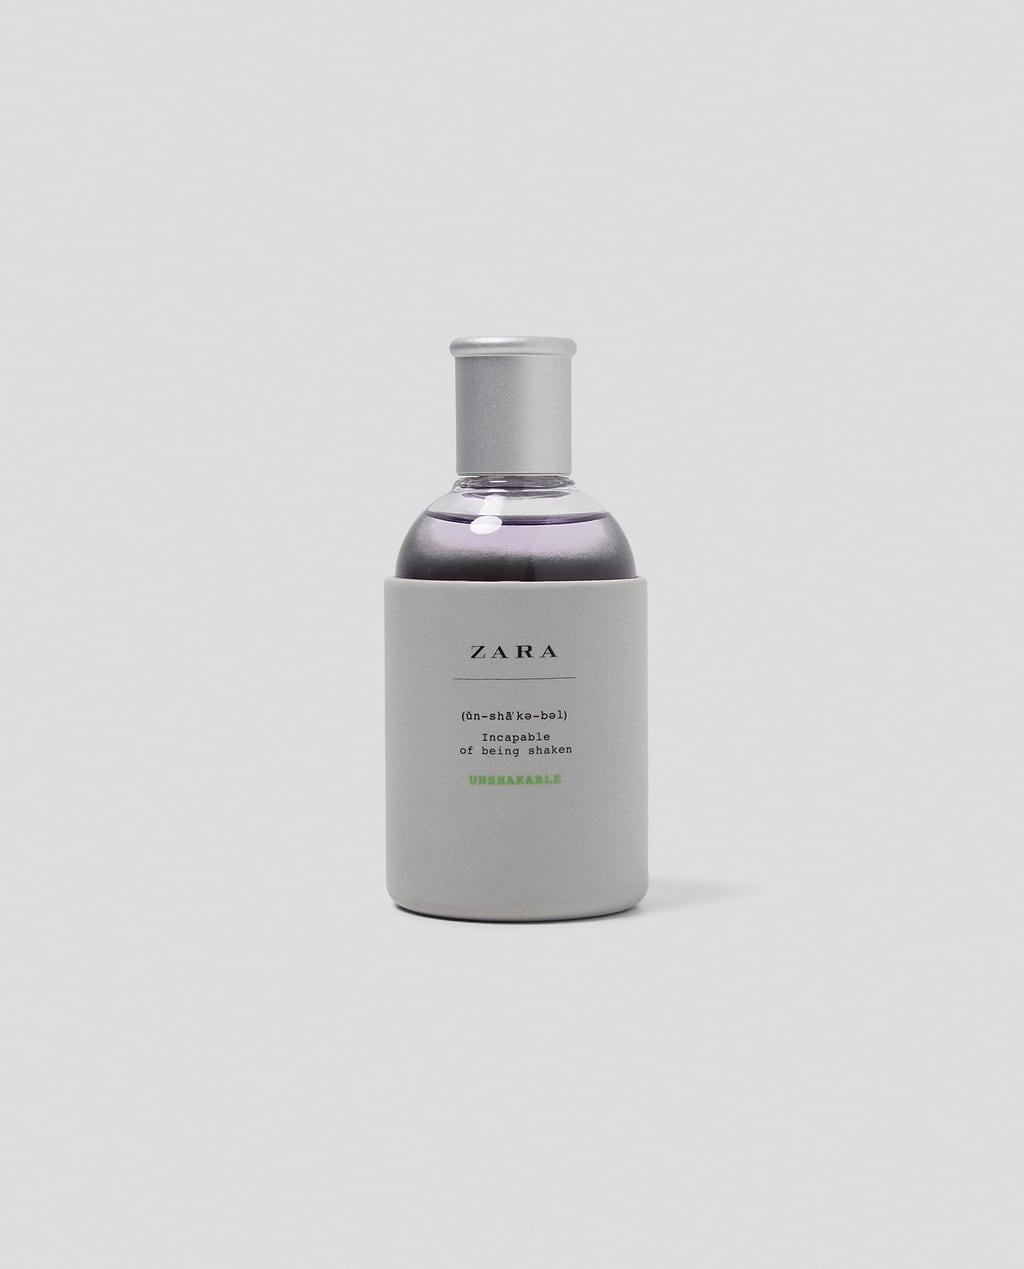 Zara'dan 1 ZARA UNSHAKABLE EAU DE TOILETTE 100 ML Resmi